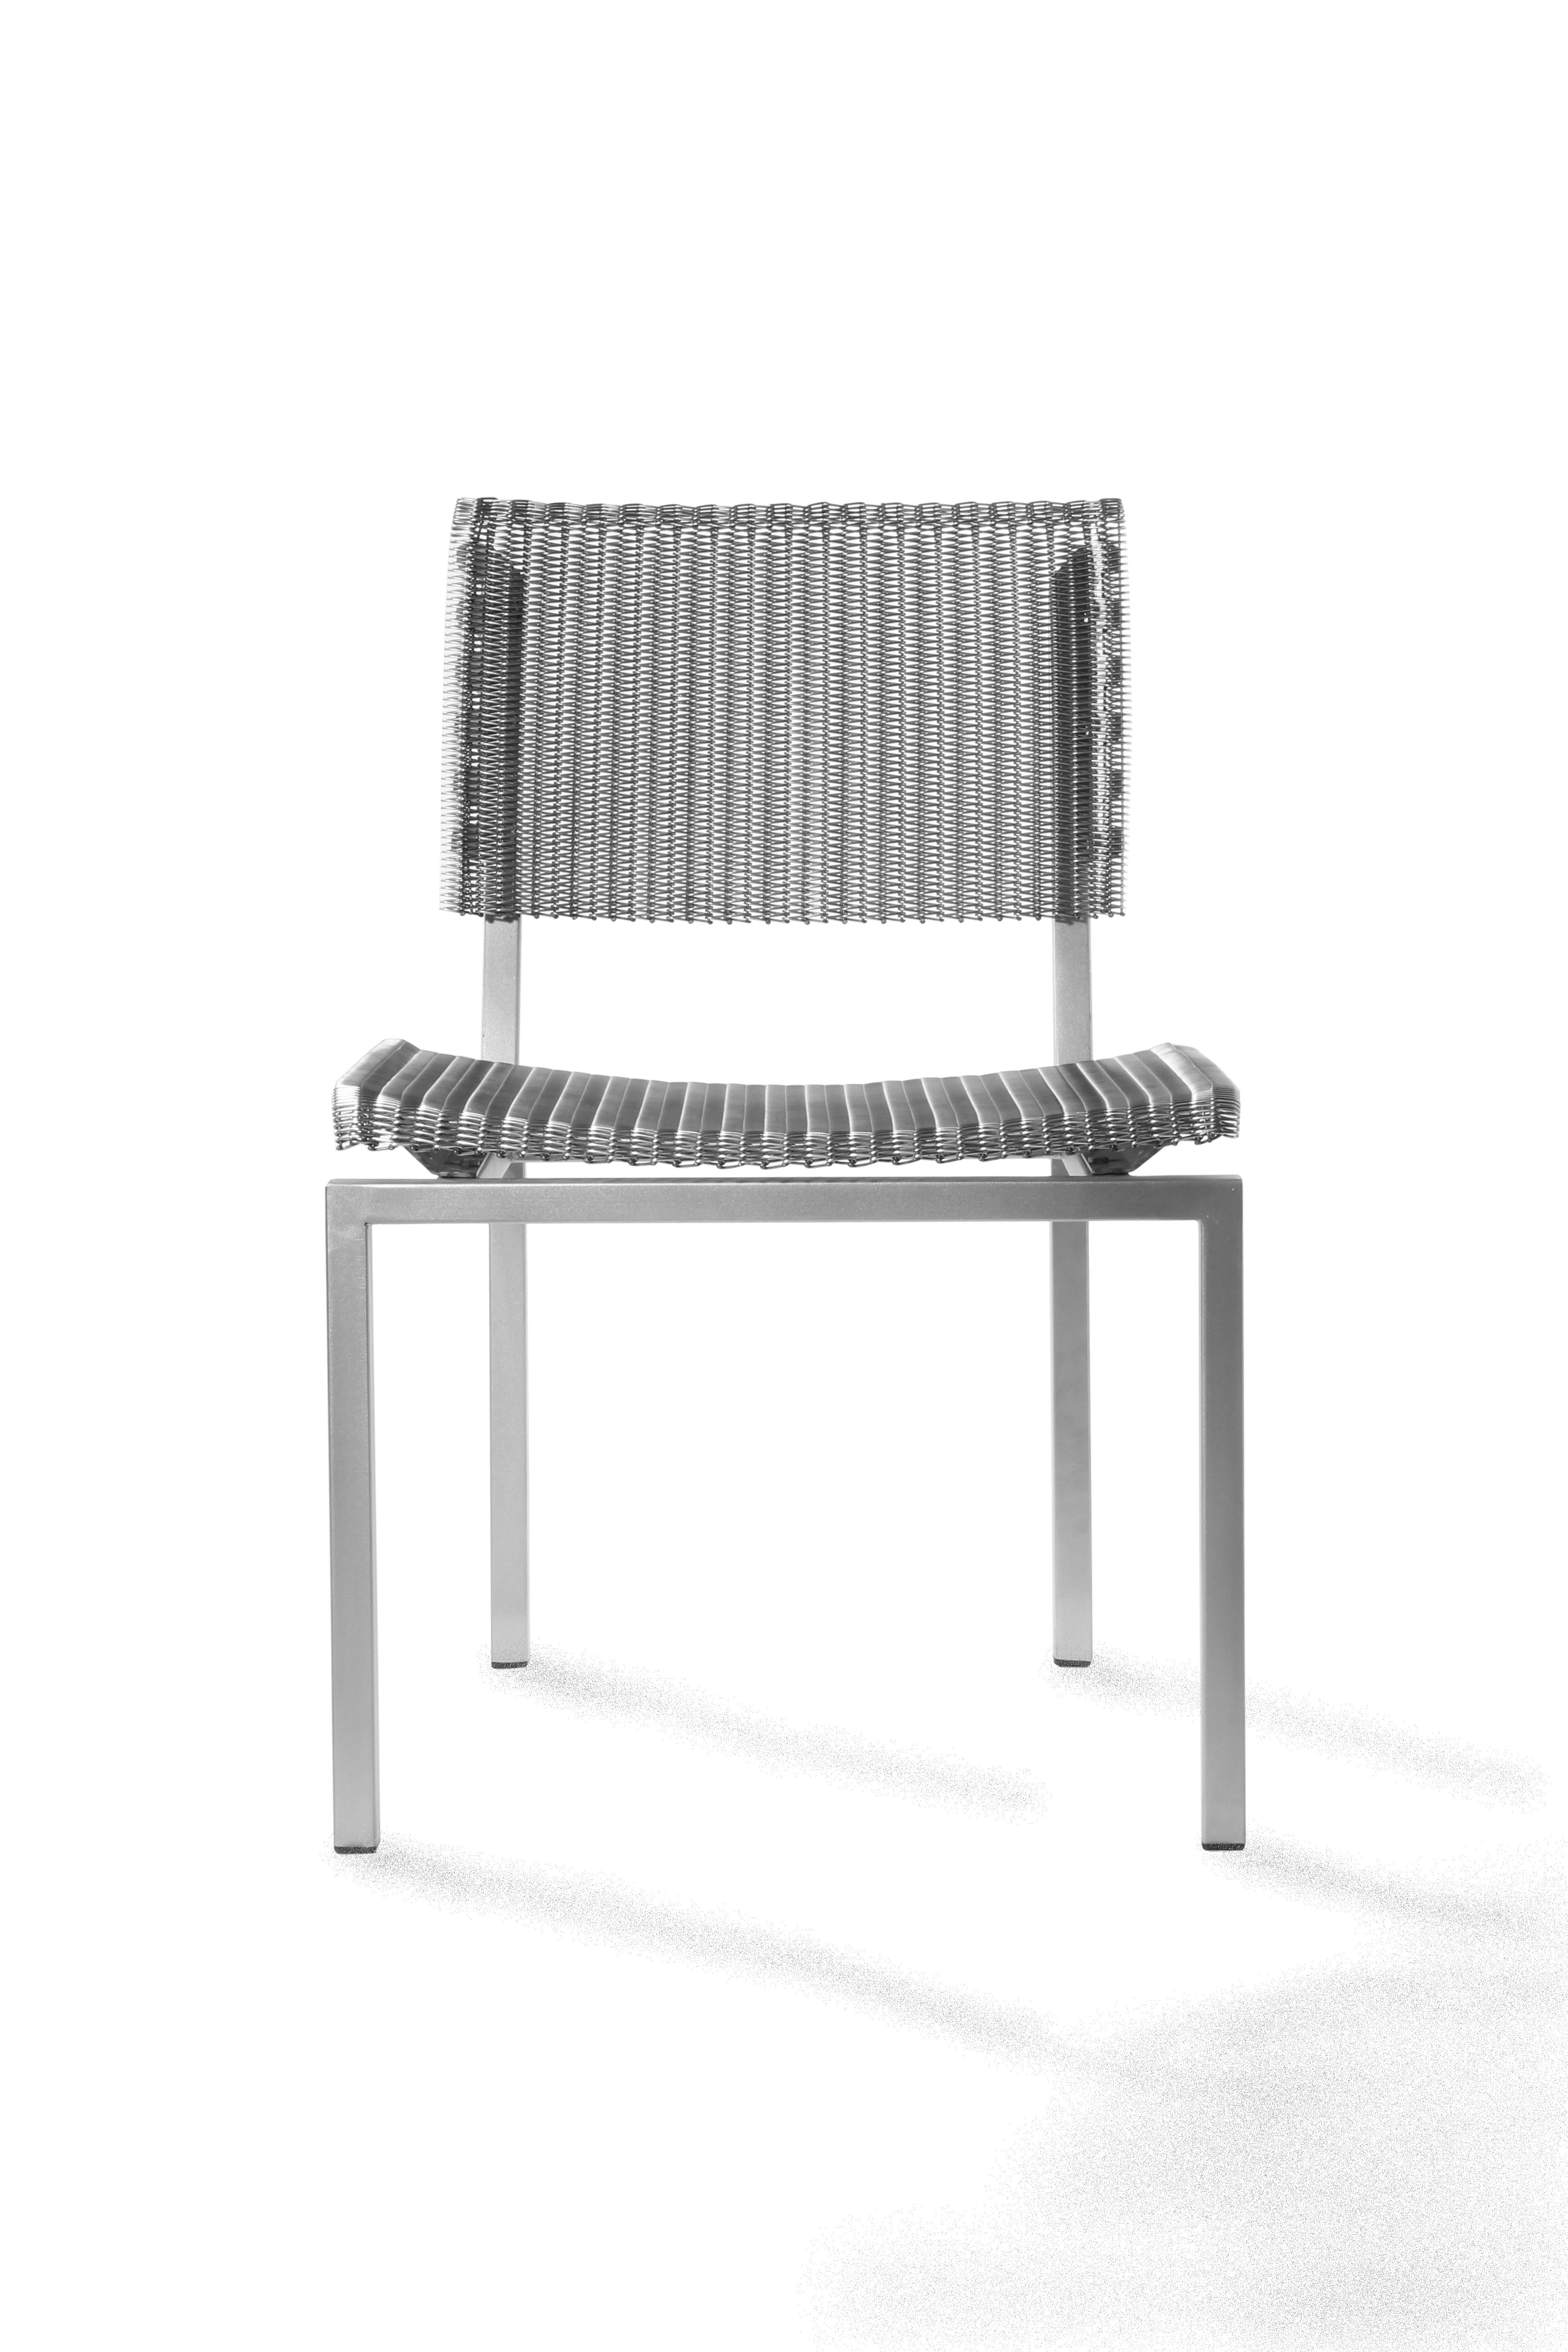 Danko Alchemy Wire Mesh Chair